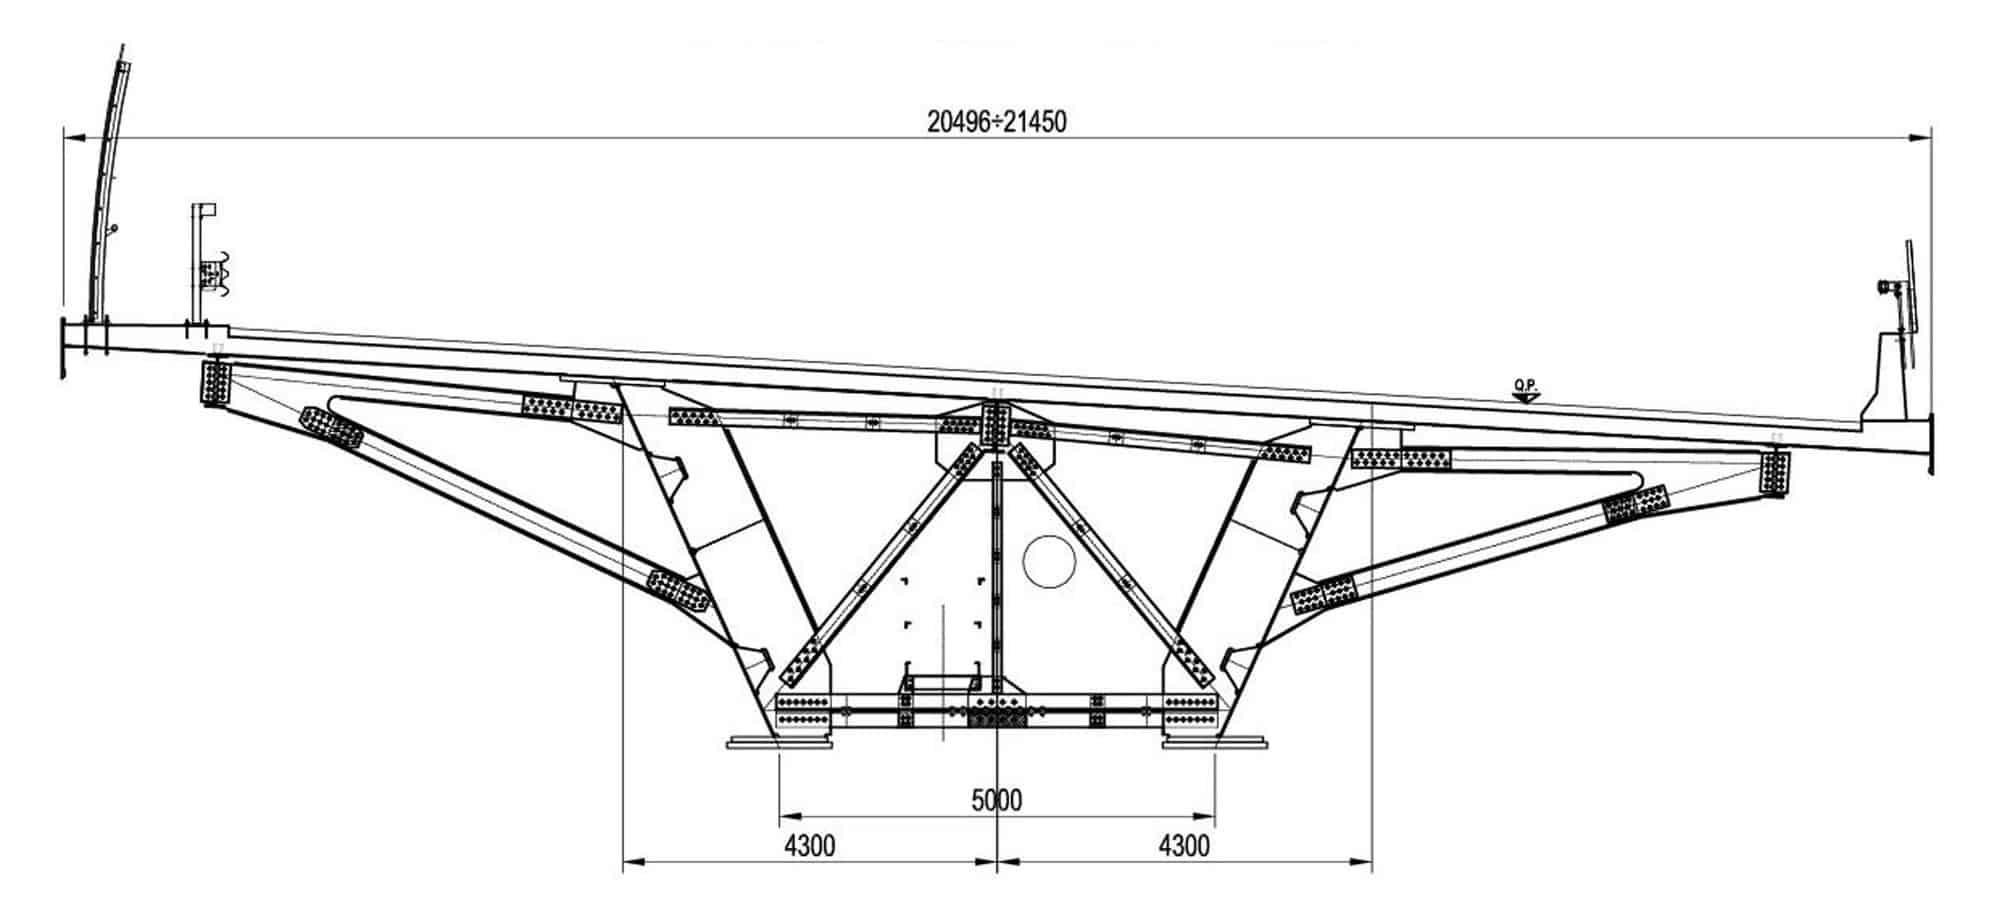 La sezione strutturale degli impalcati della A58: la sezione trasversale VI004